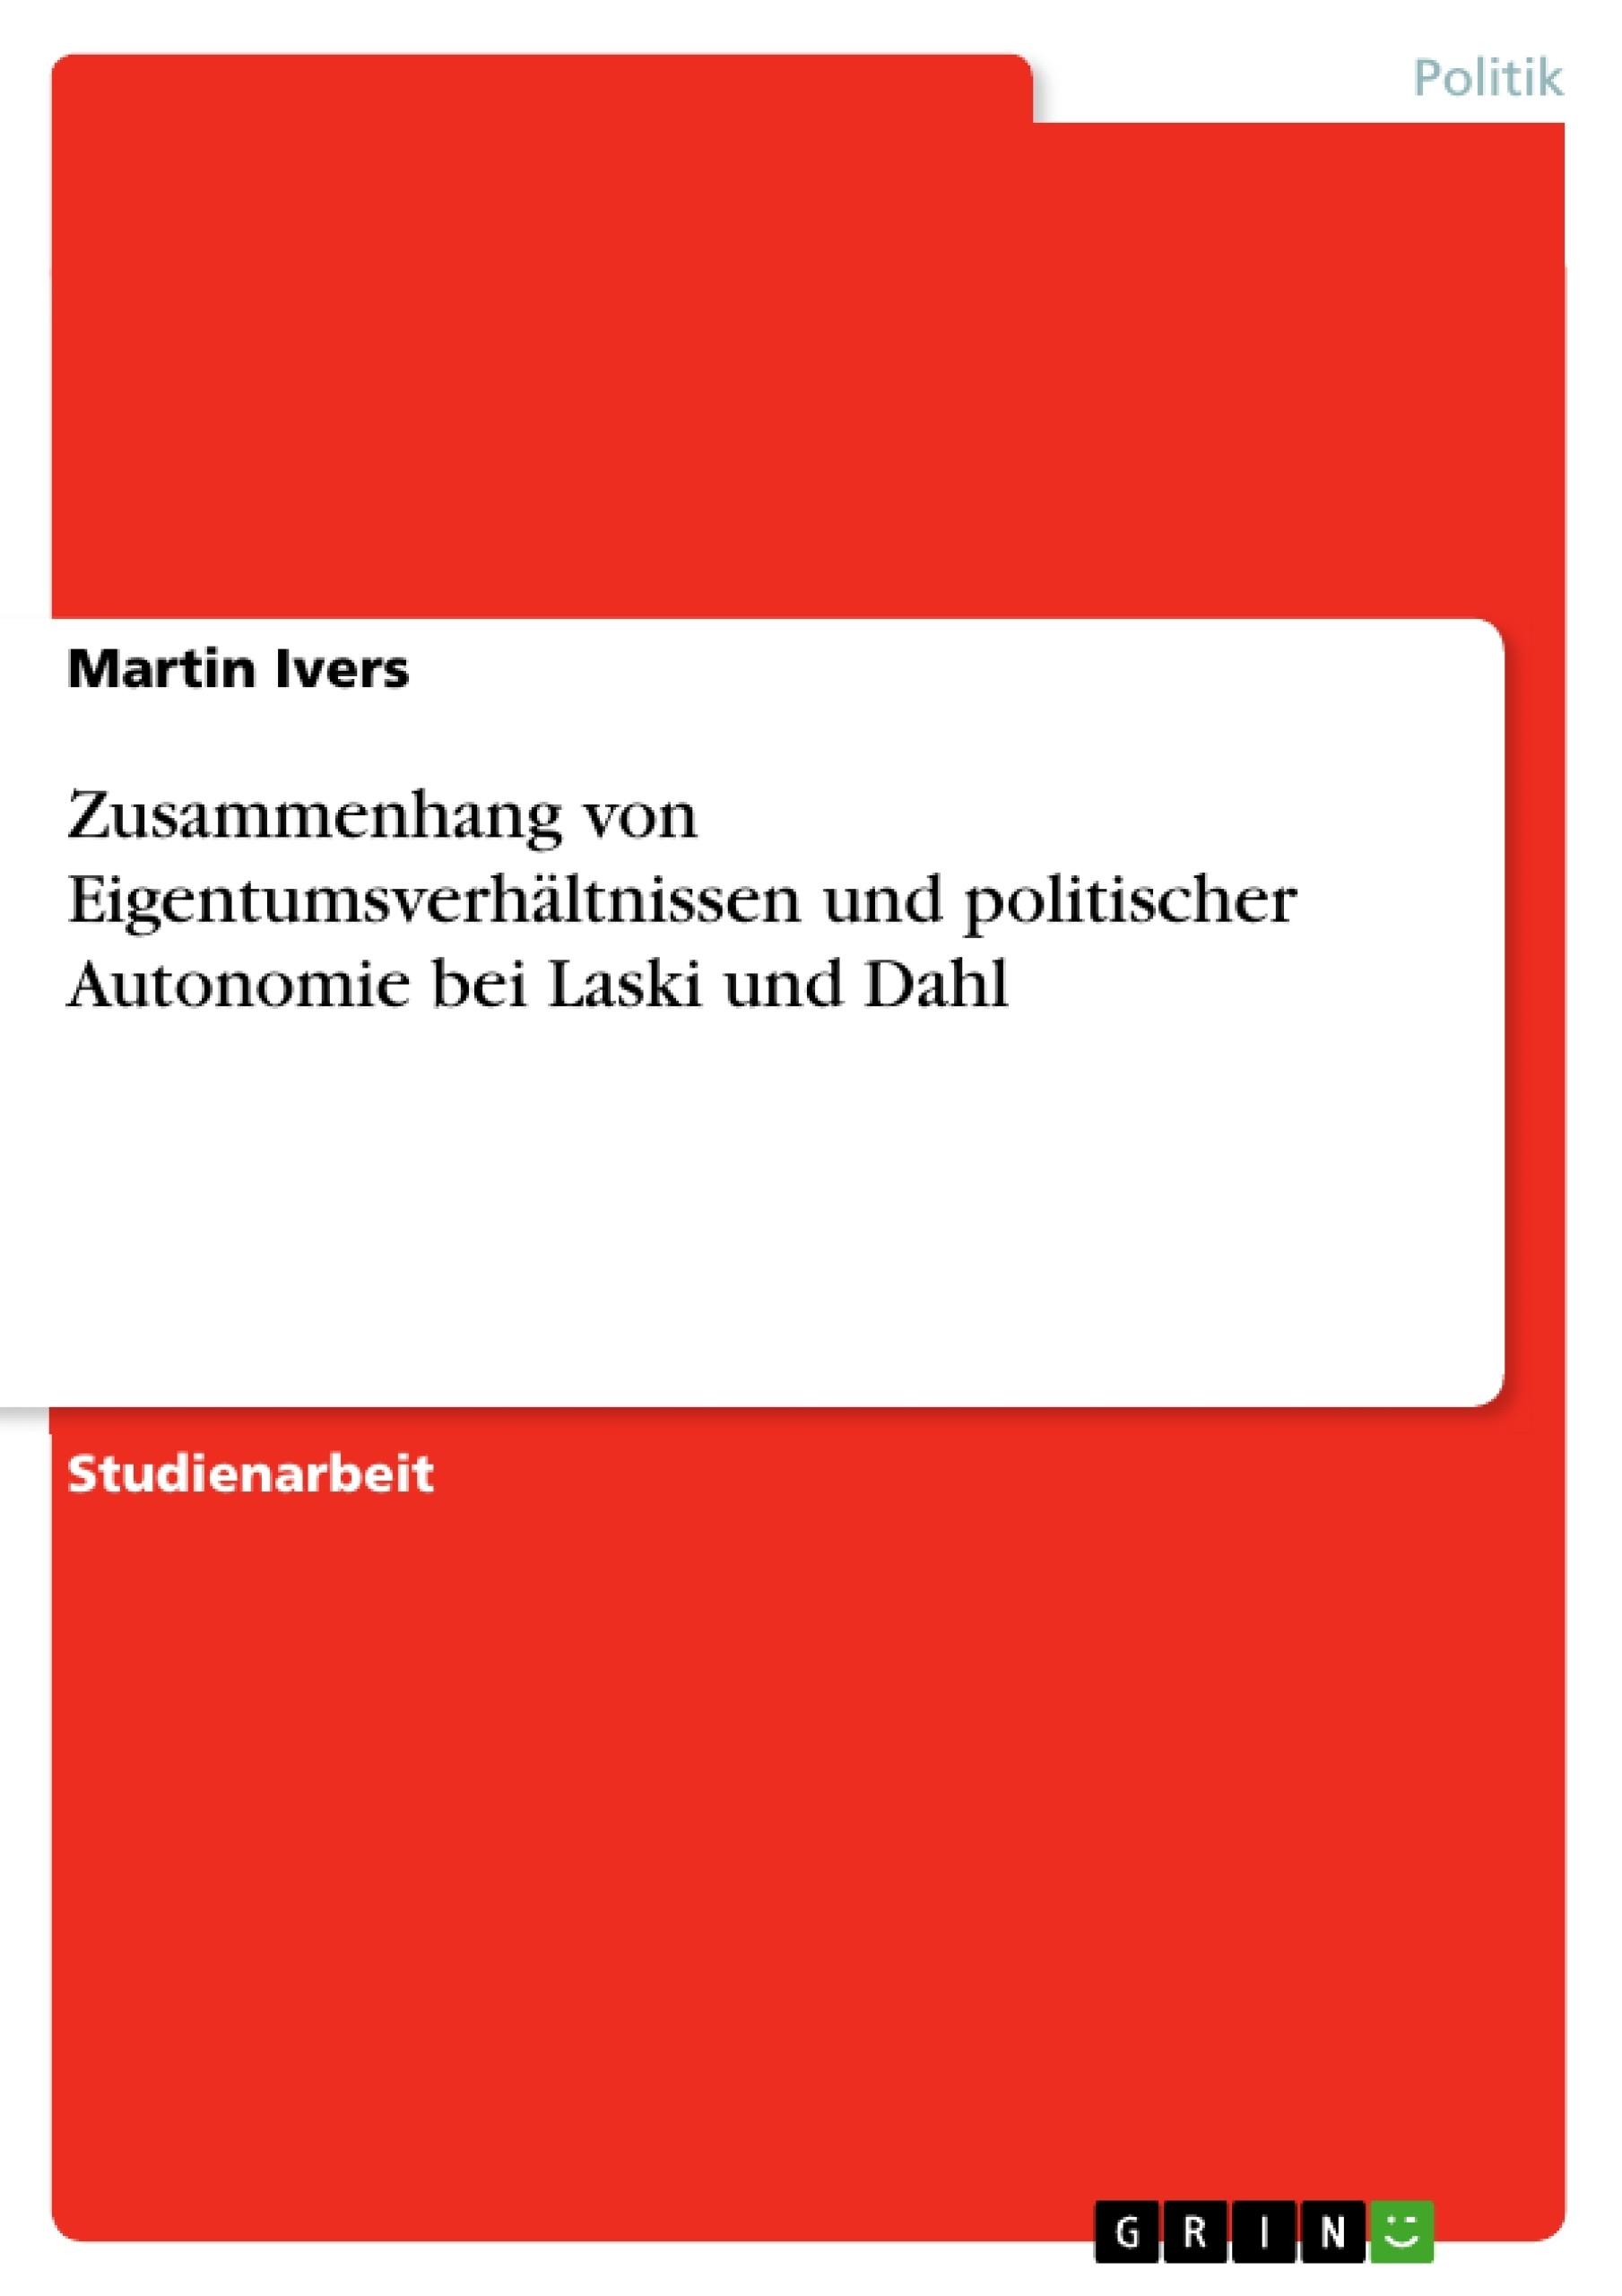 Titel: Zusammenhang von Eigentumsverhältnissen und politischer Autonomie bei Laski und Dahl